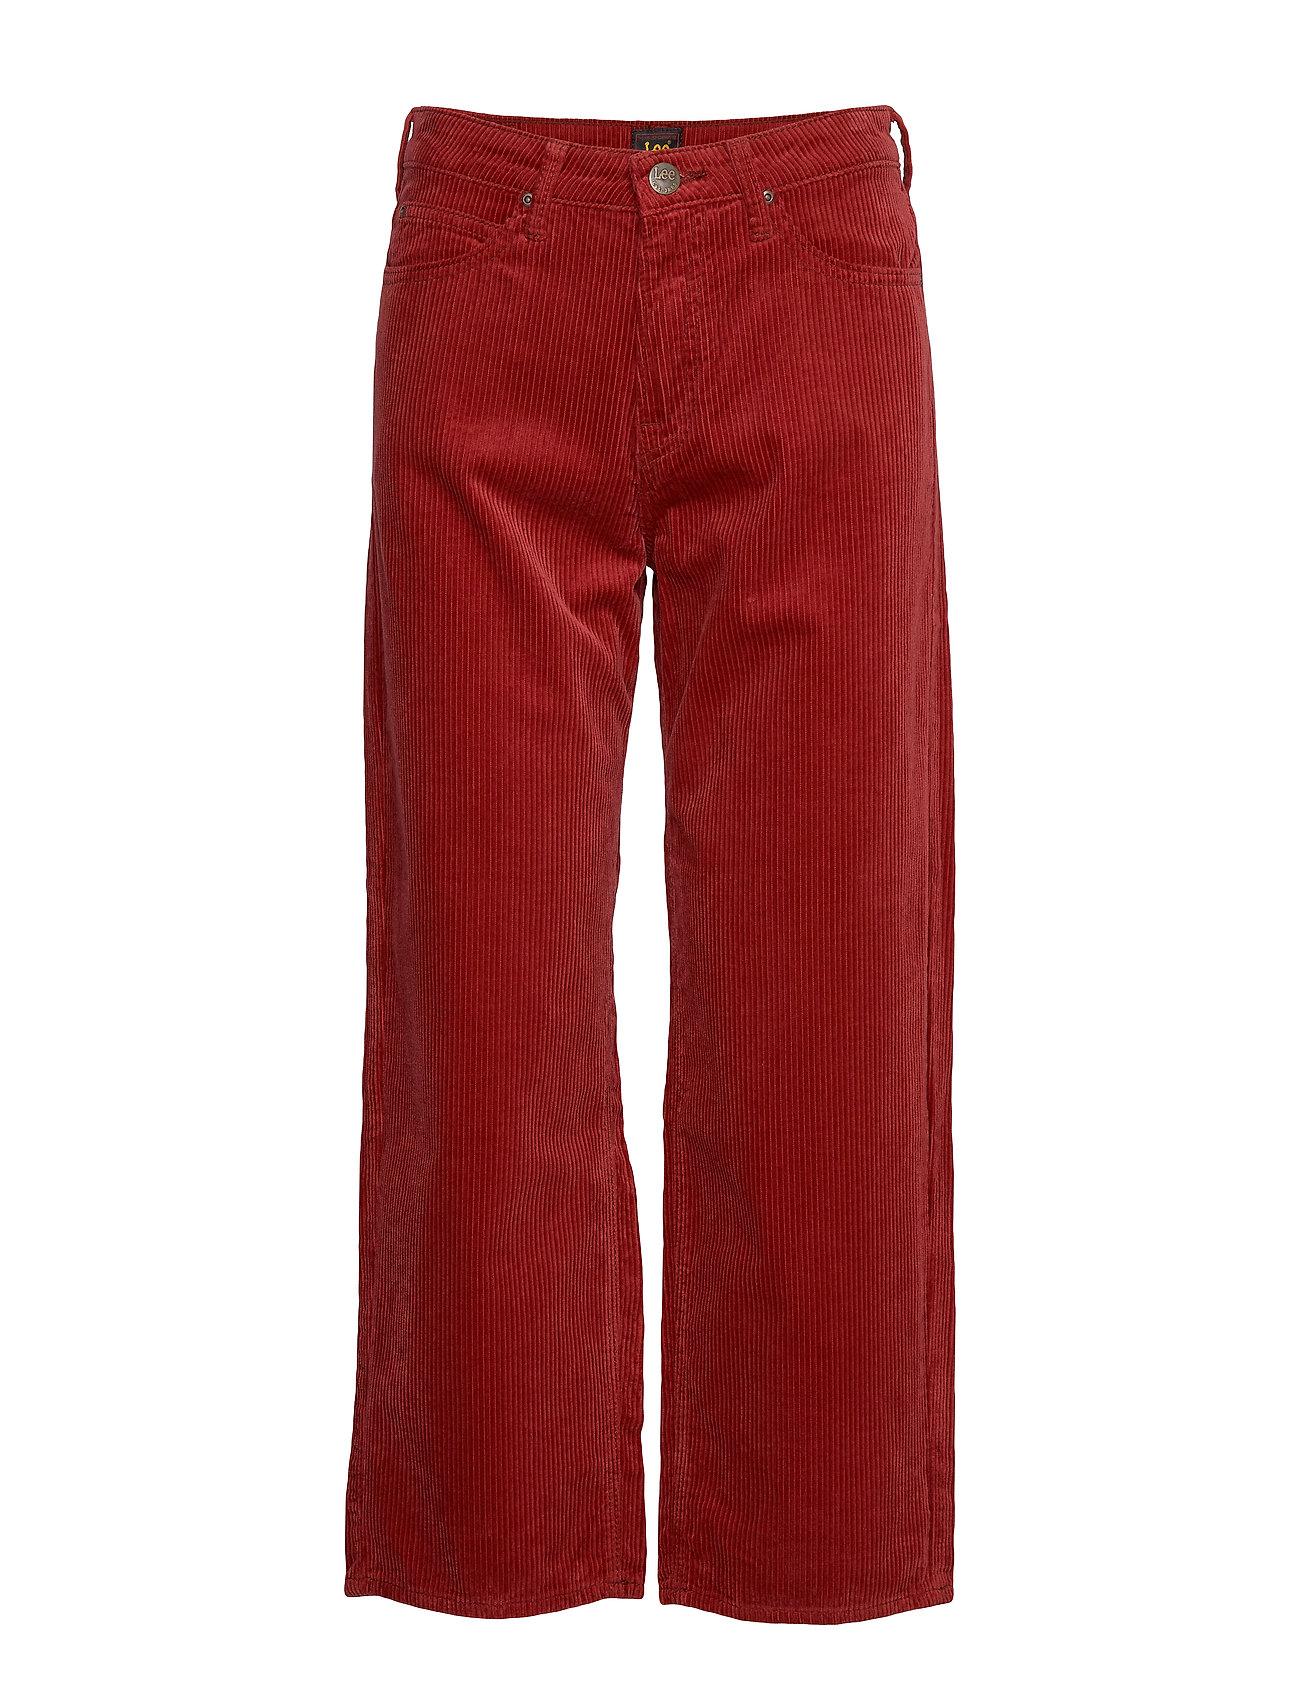 LEE 5 Pocket Wide Leg Hosen Mit Weitem Bein Rot LEE JEANS